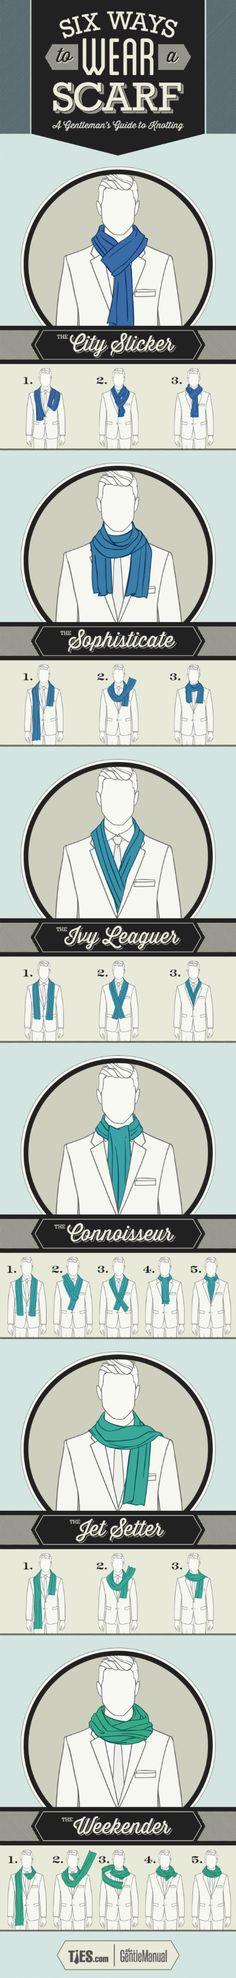 gentleman guid, idea, a gentlemans guide, cloth, mens scarfs